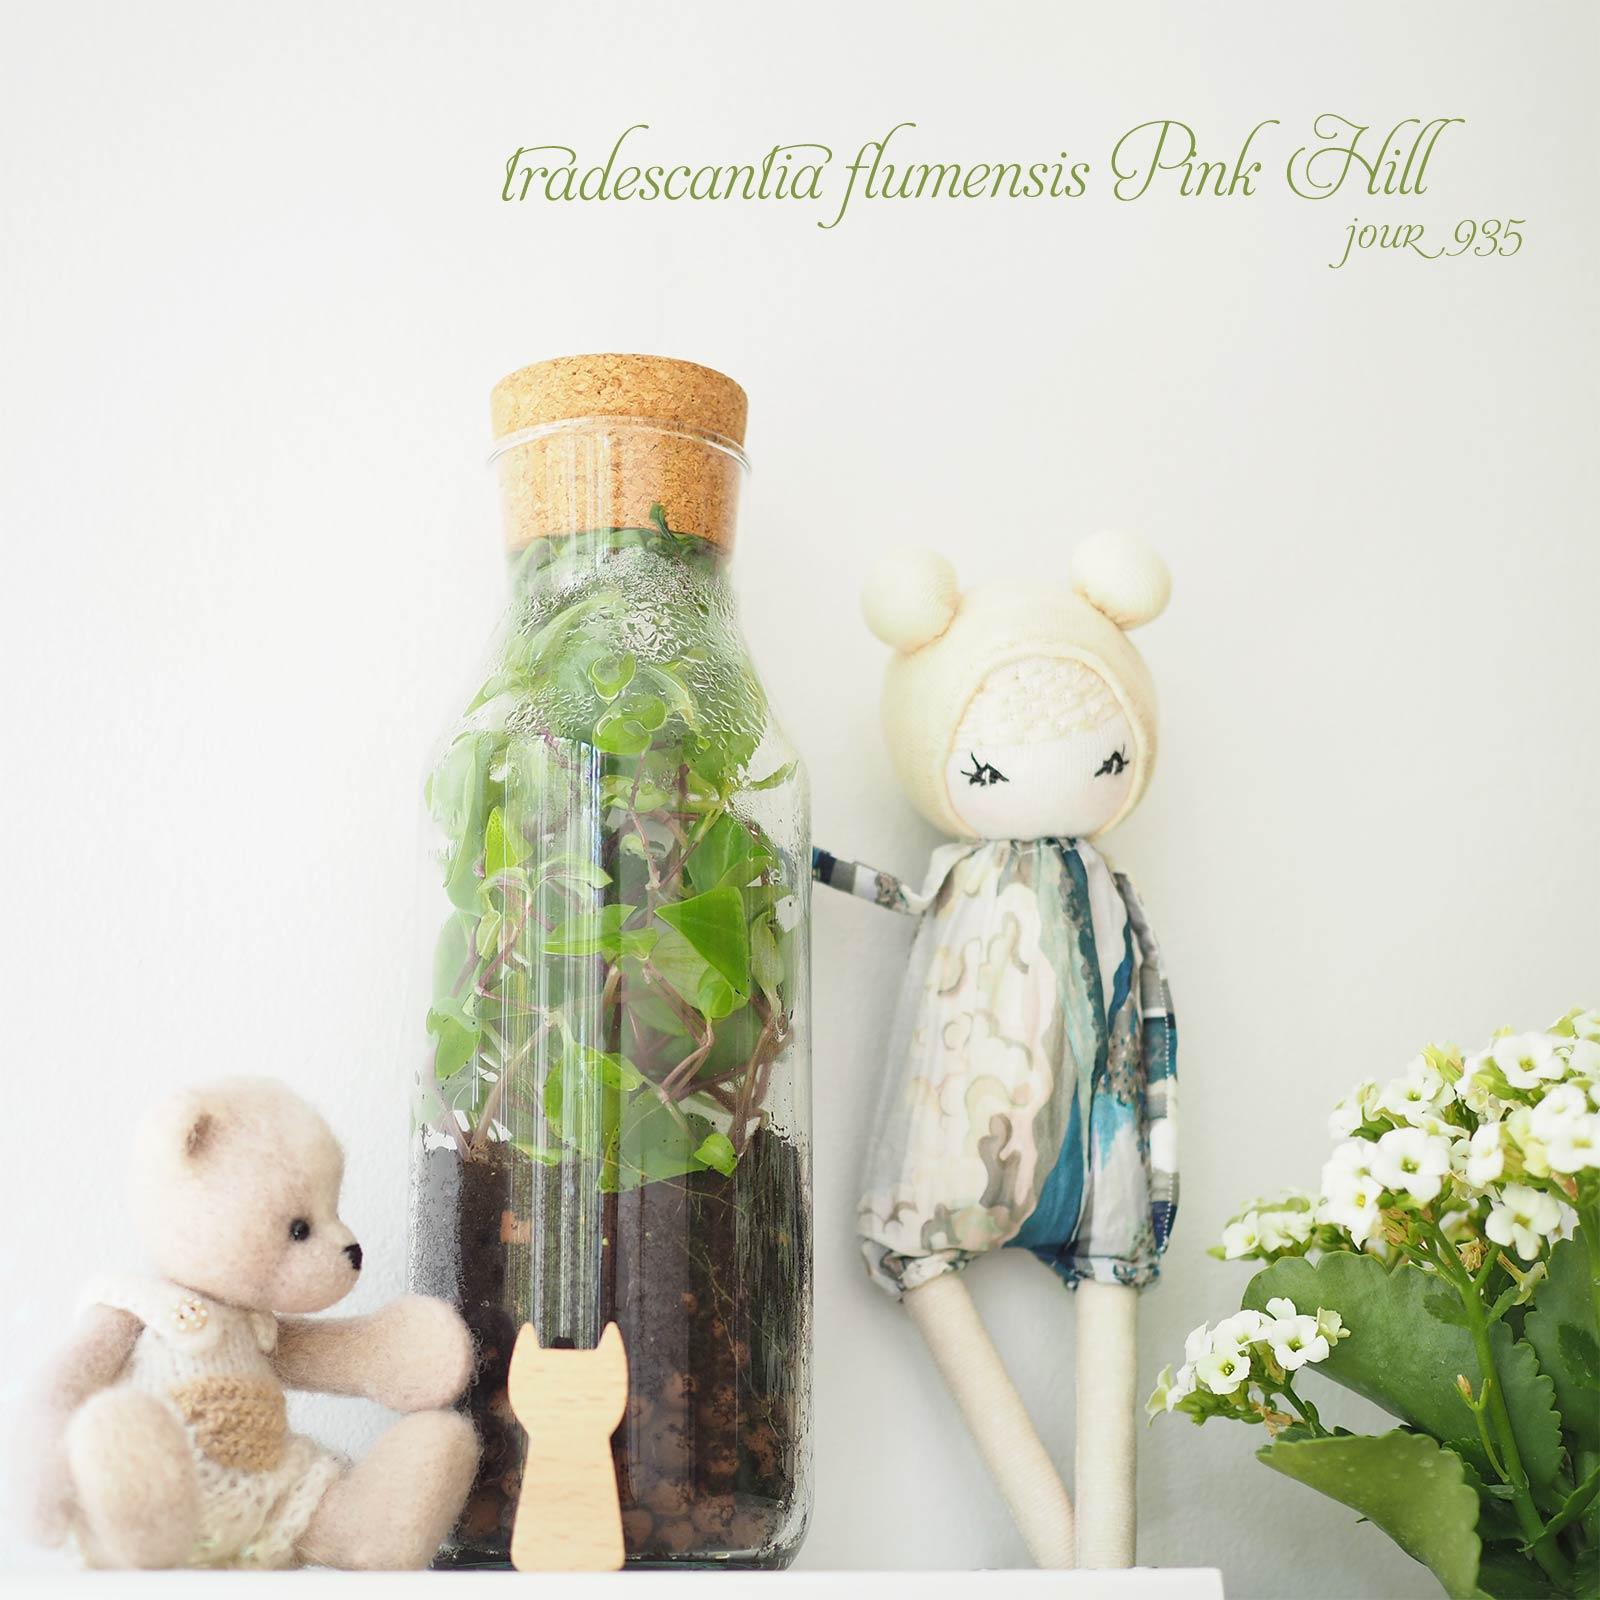 bouteille misère tradescantia fluminensis pink hill jour 935 Boutique MeliMelo